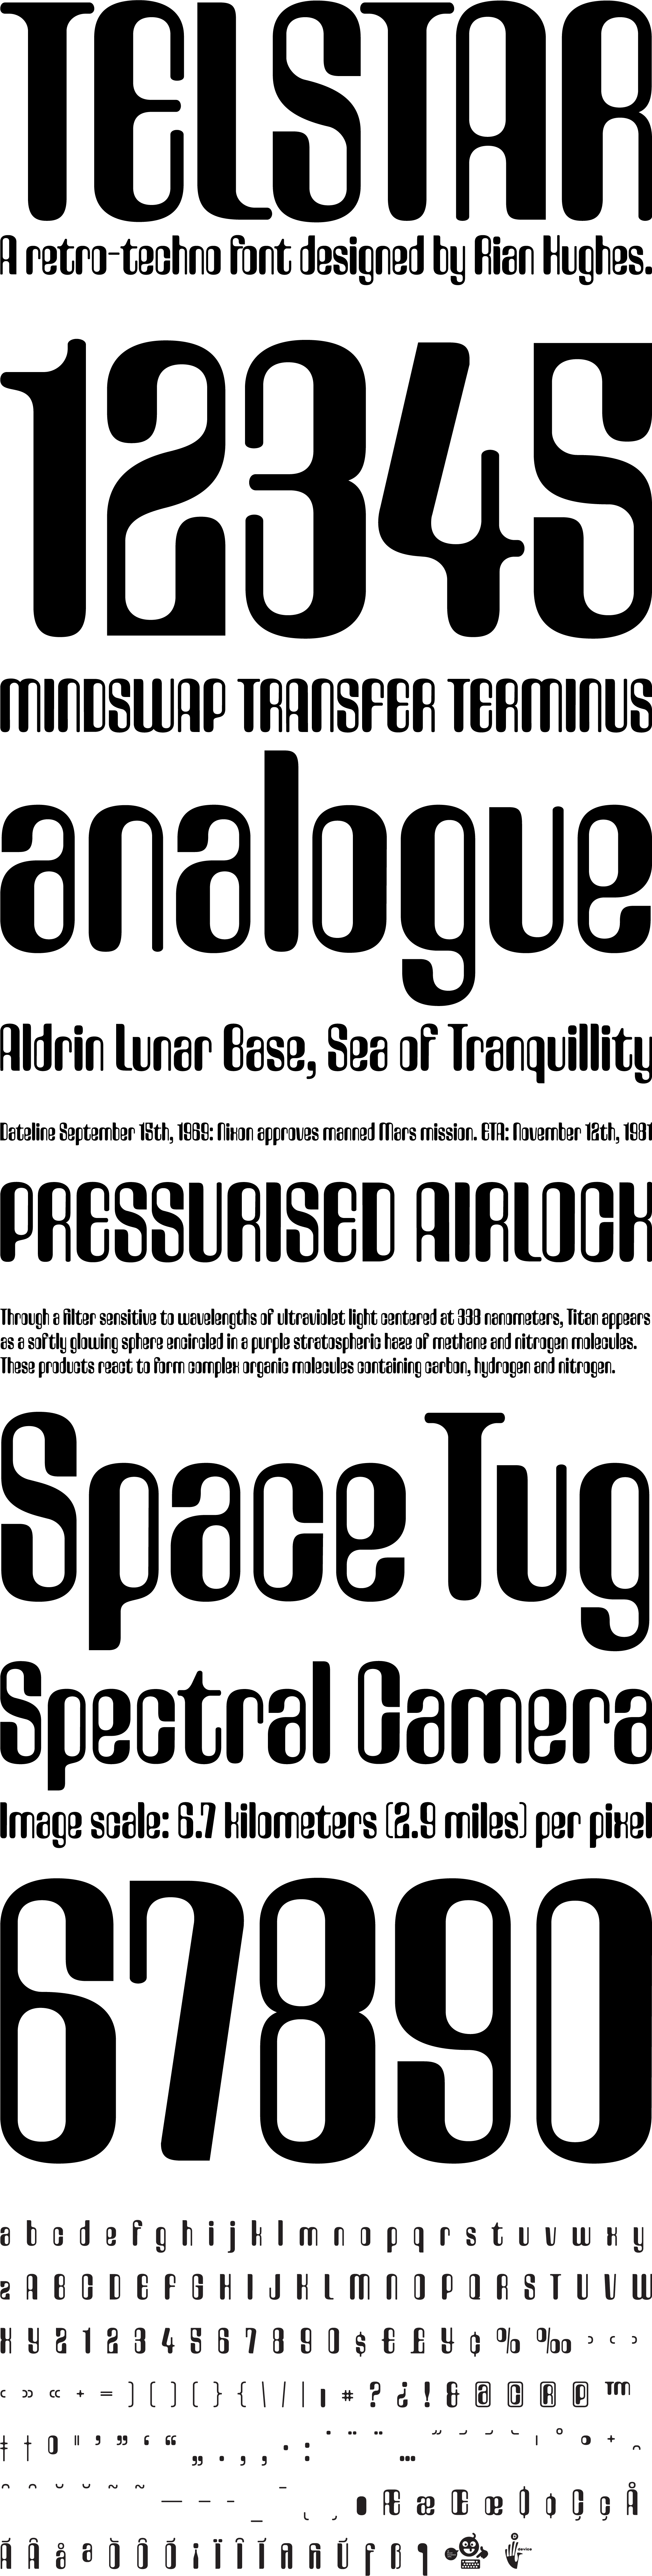 Telstar_1-billboard